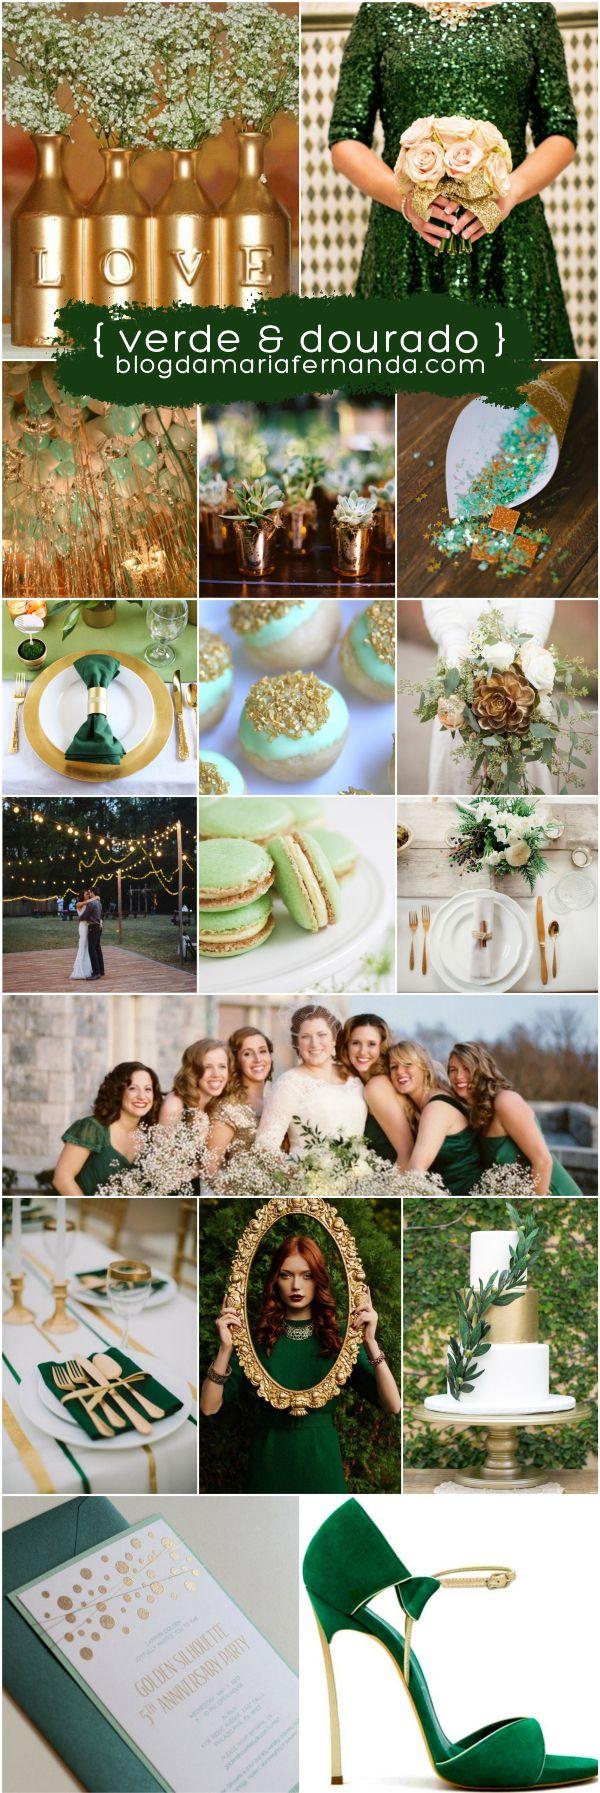 Decoração de Casamento : Paleta de Cores Verde e Dourado   http://blogdamariafernanda.com/decoracao-de-casamento-verde-e-dourado